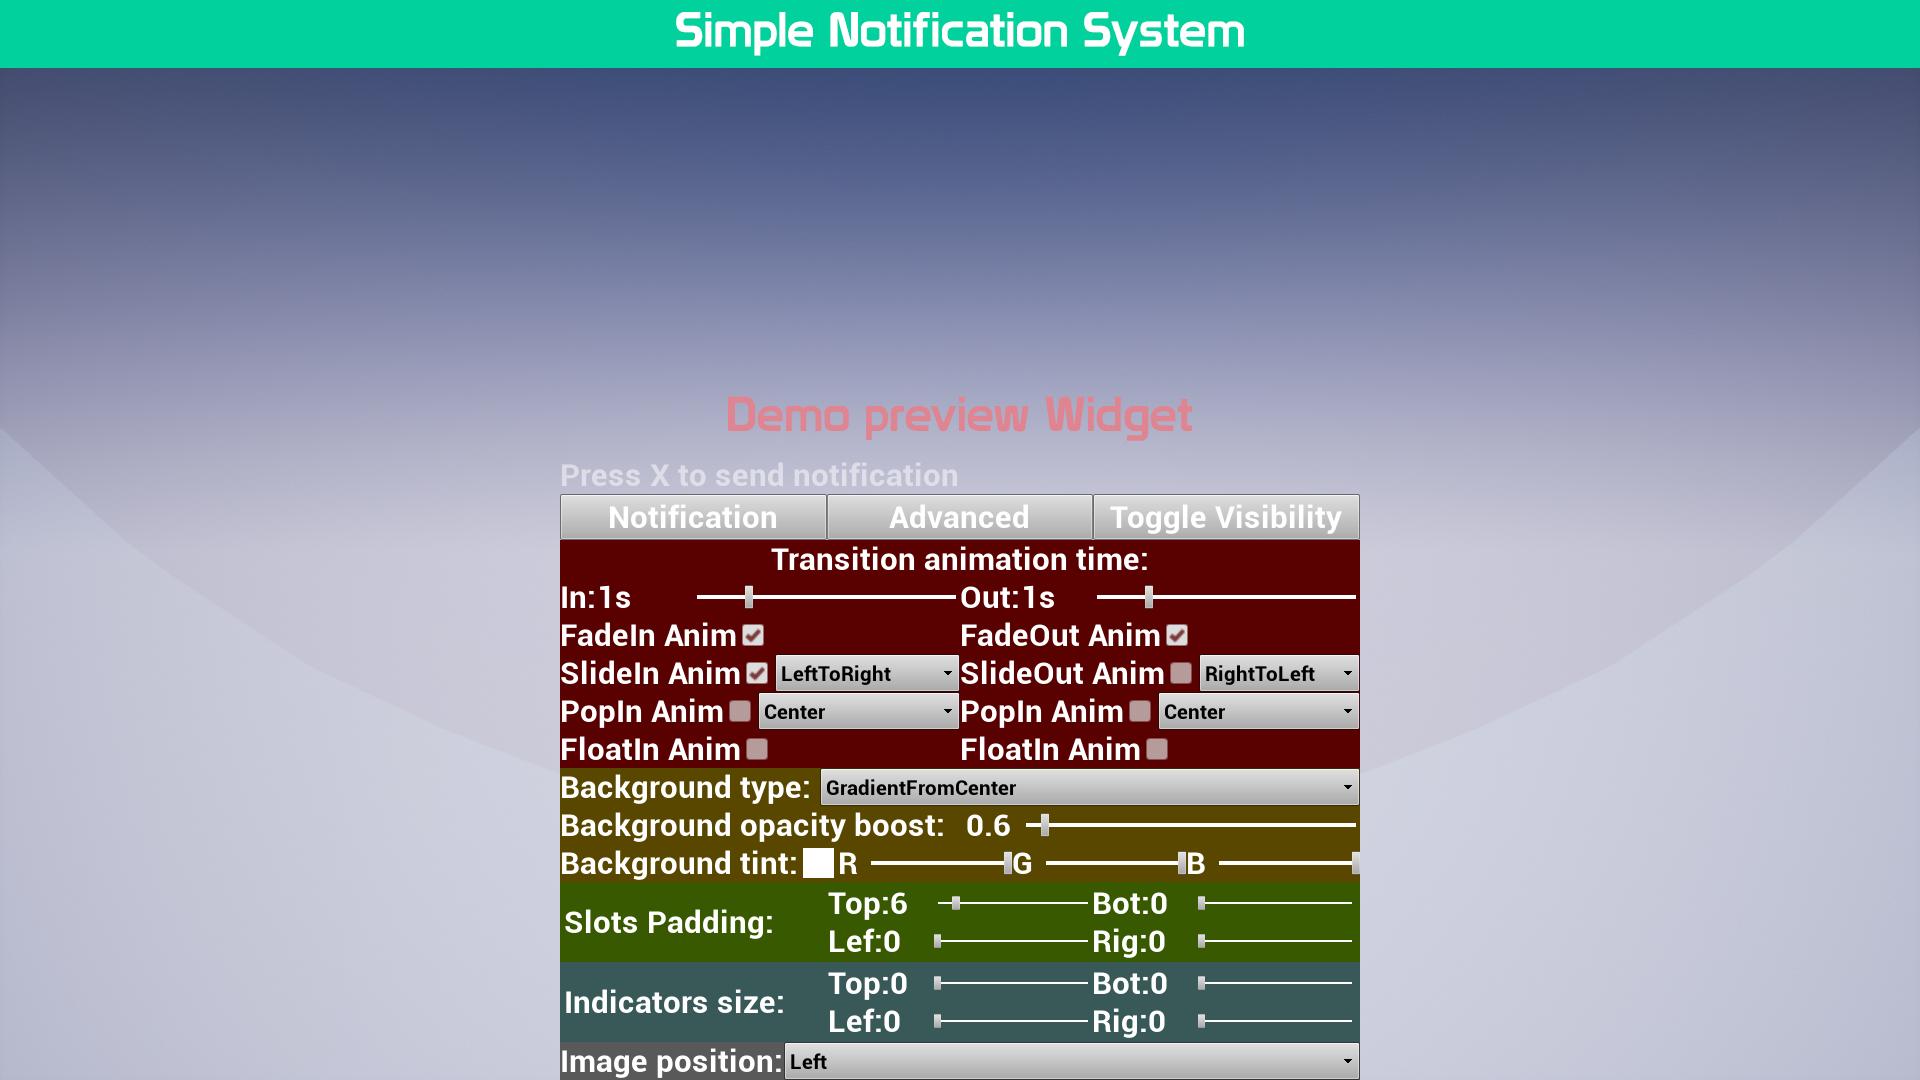 SNSIMG2 1920x1080 76aca85a5e8505b205f7381a4b9f7a43 - Simple Notification System - UE4简单通知系统